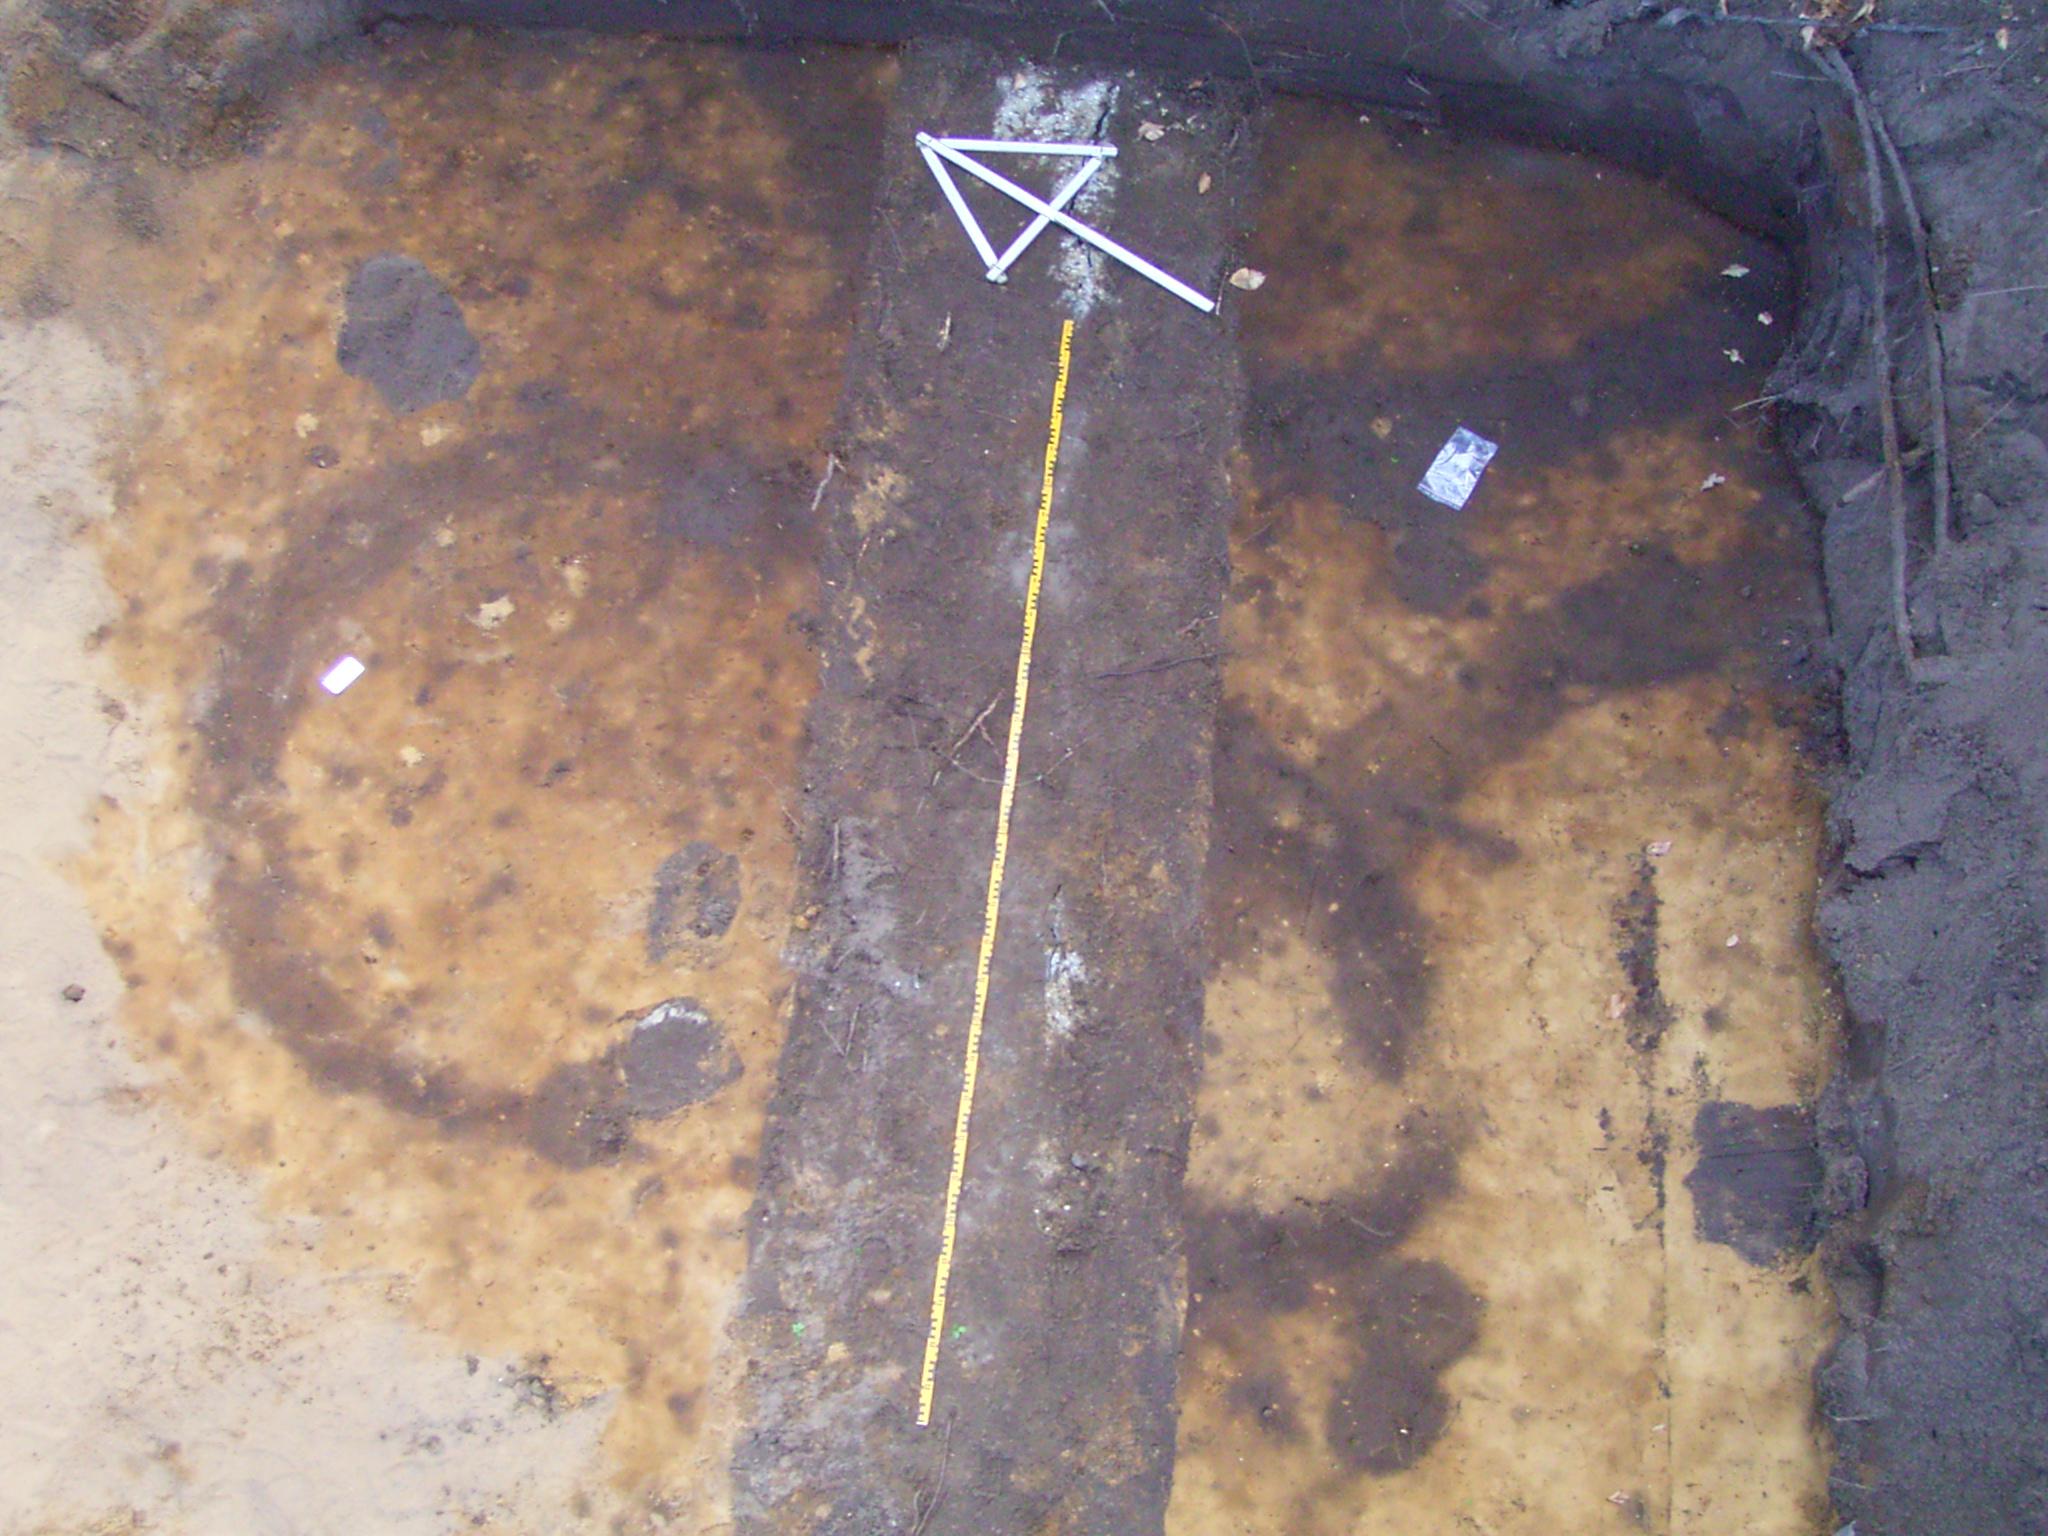 Opgraving Doornseweg - Kringgreppels van begravingen uit circa 1000 c. Chr. De brede verkleuring waard e meetlat op ligt is een recente verstoring